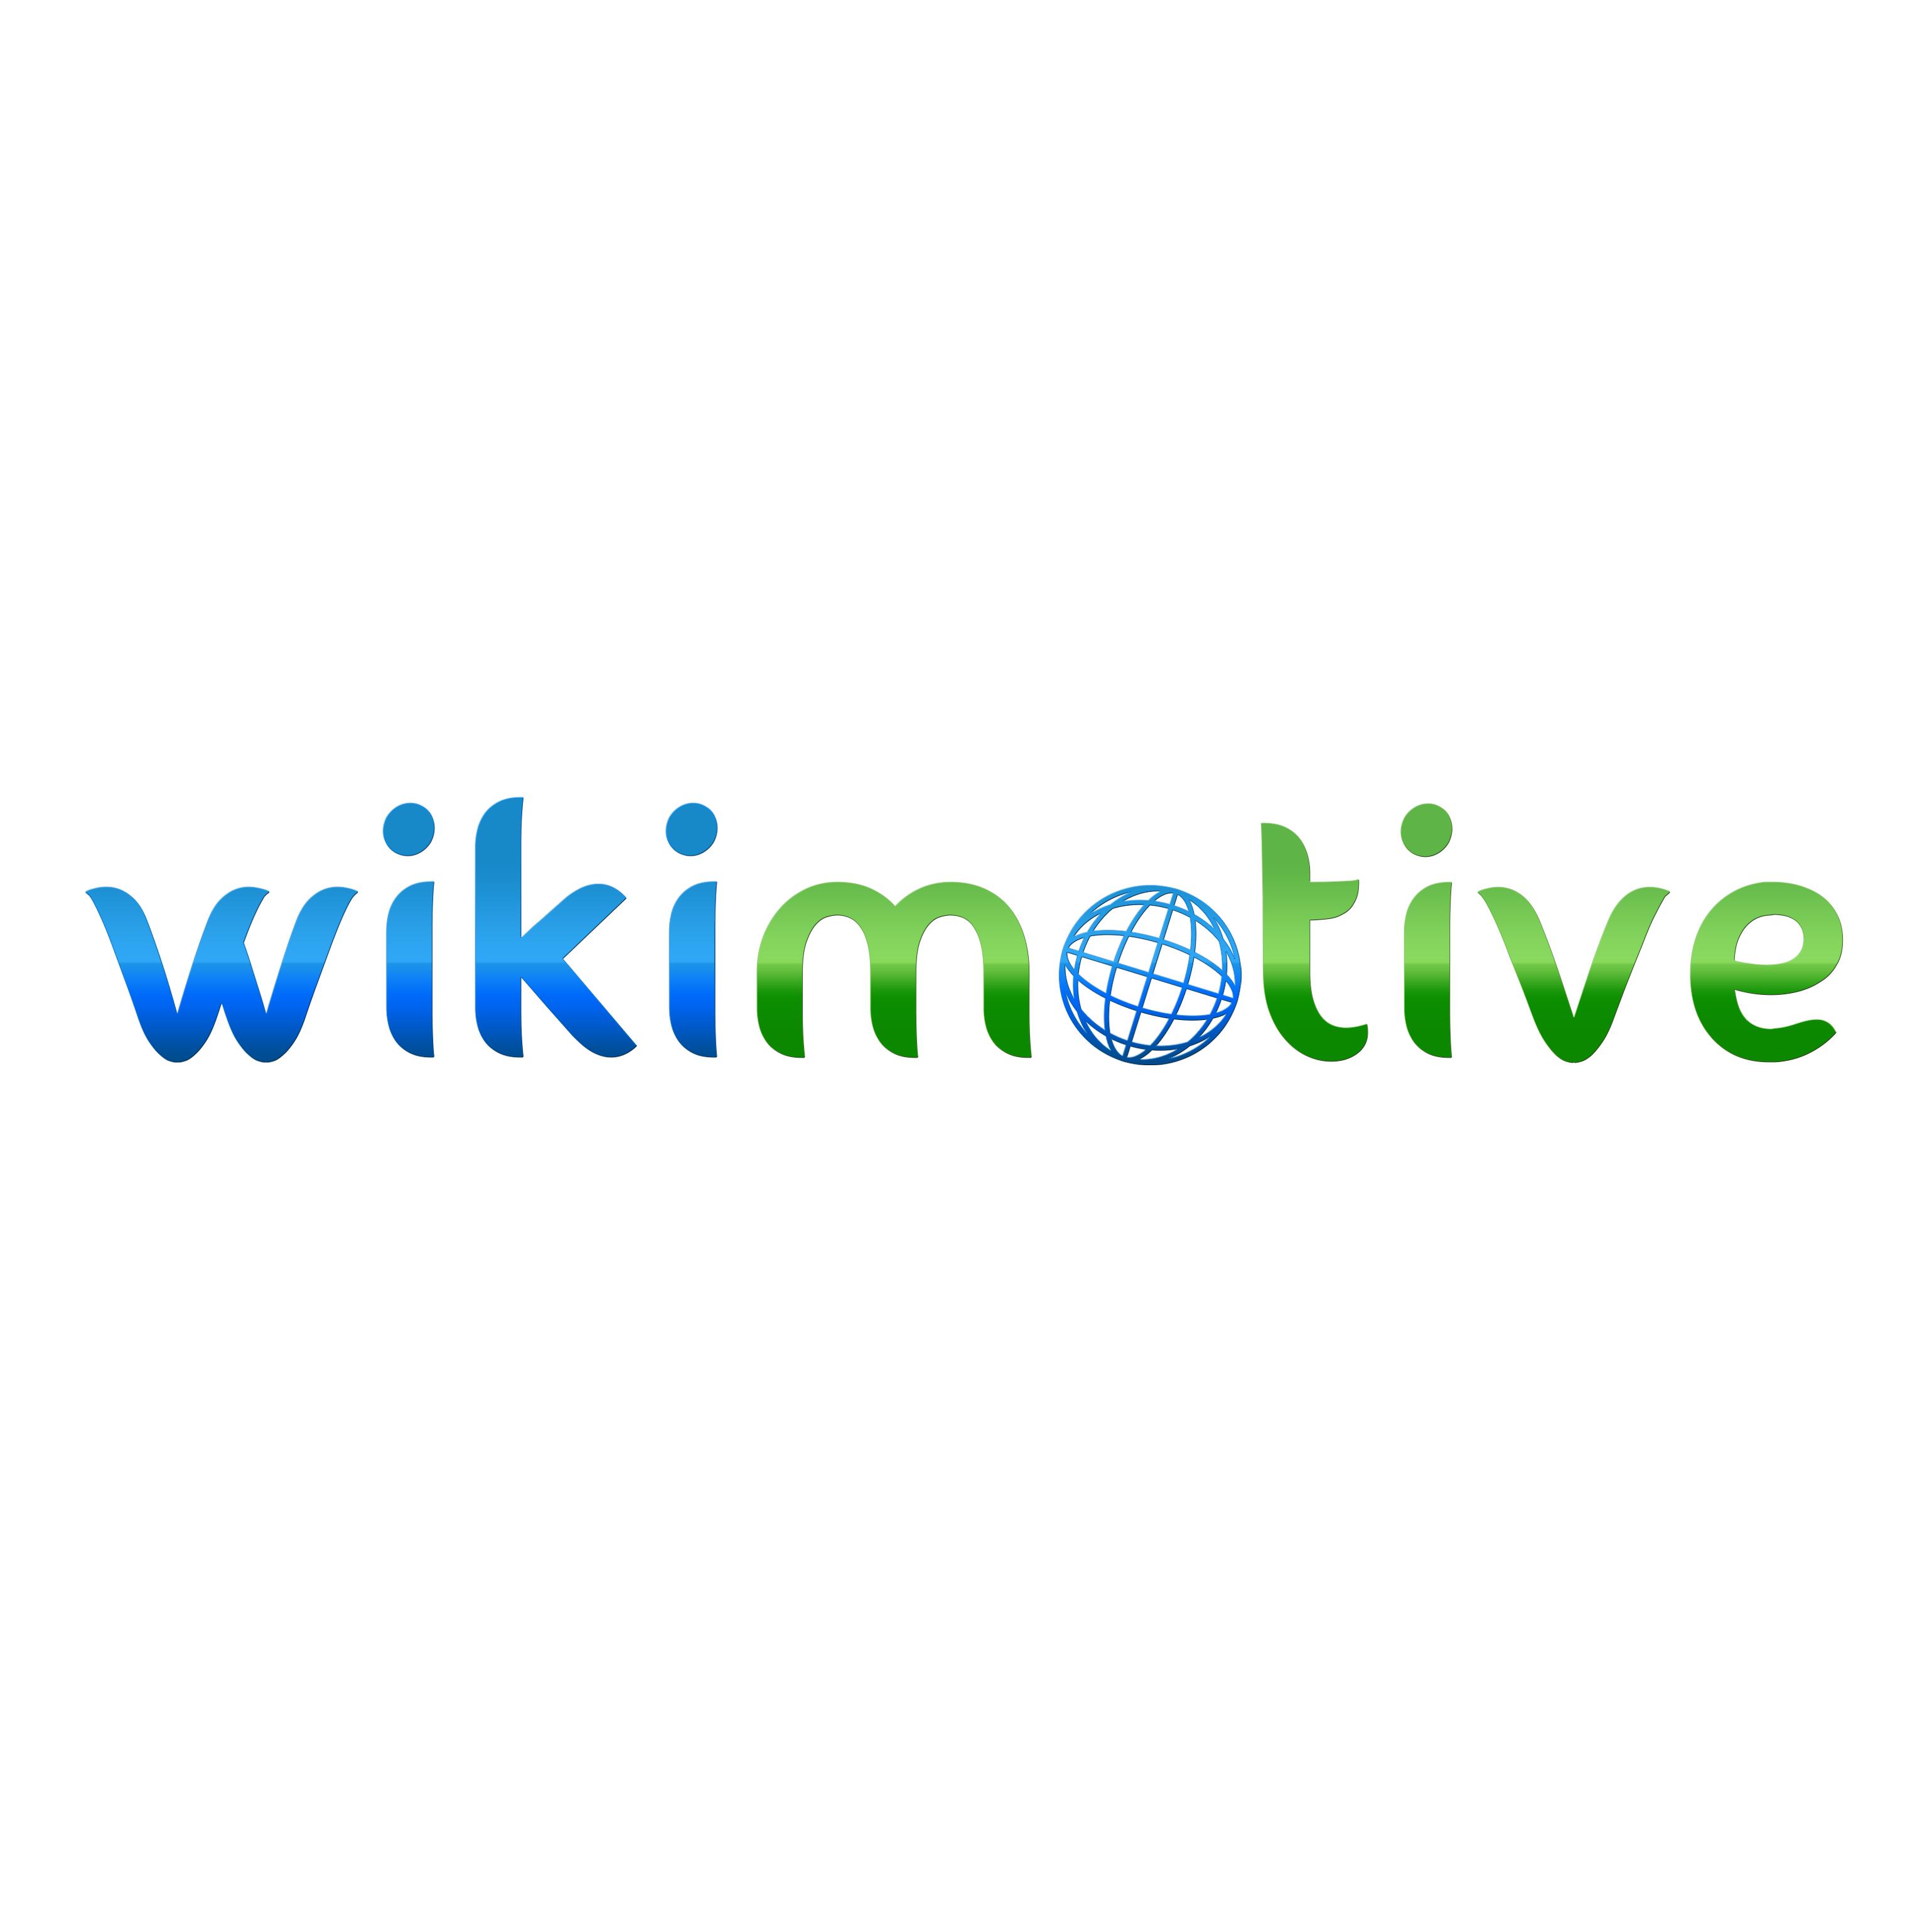 Wikimotive